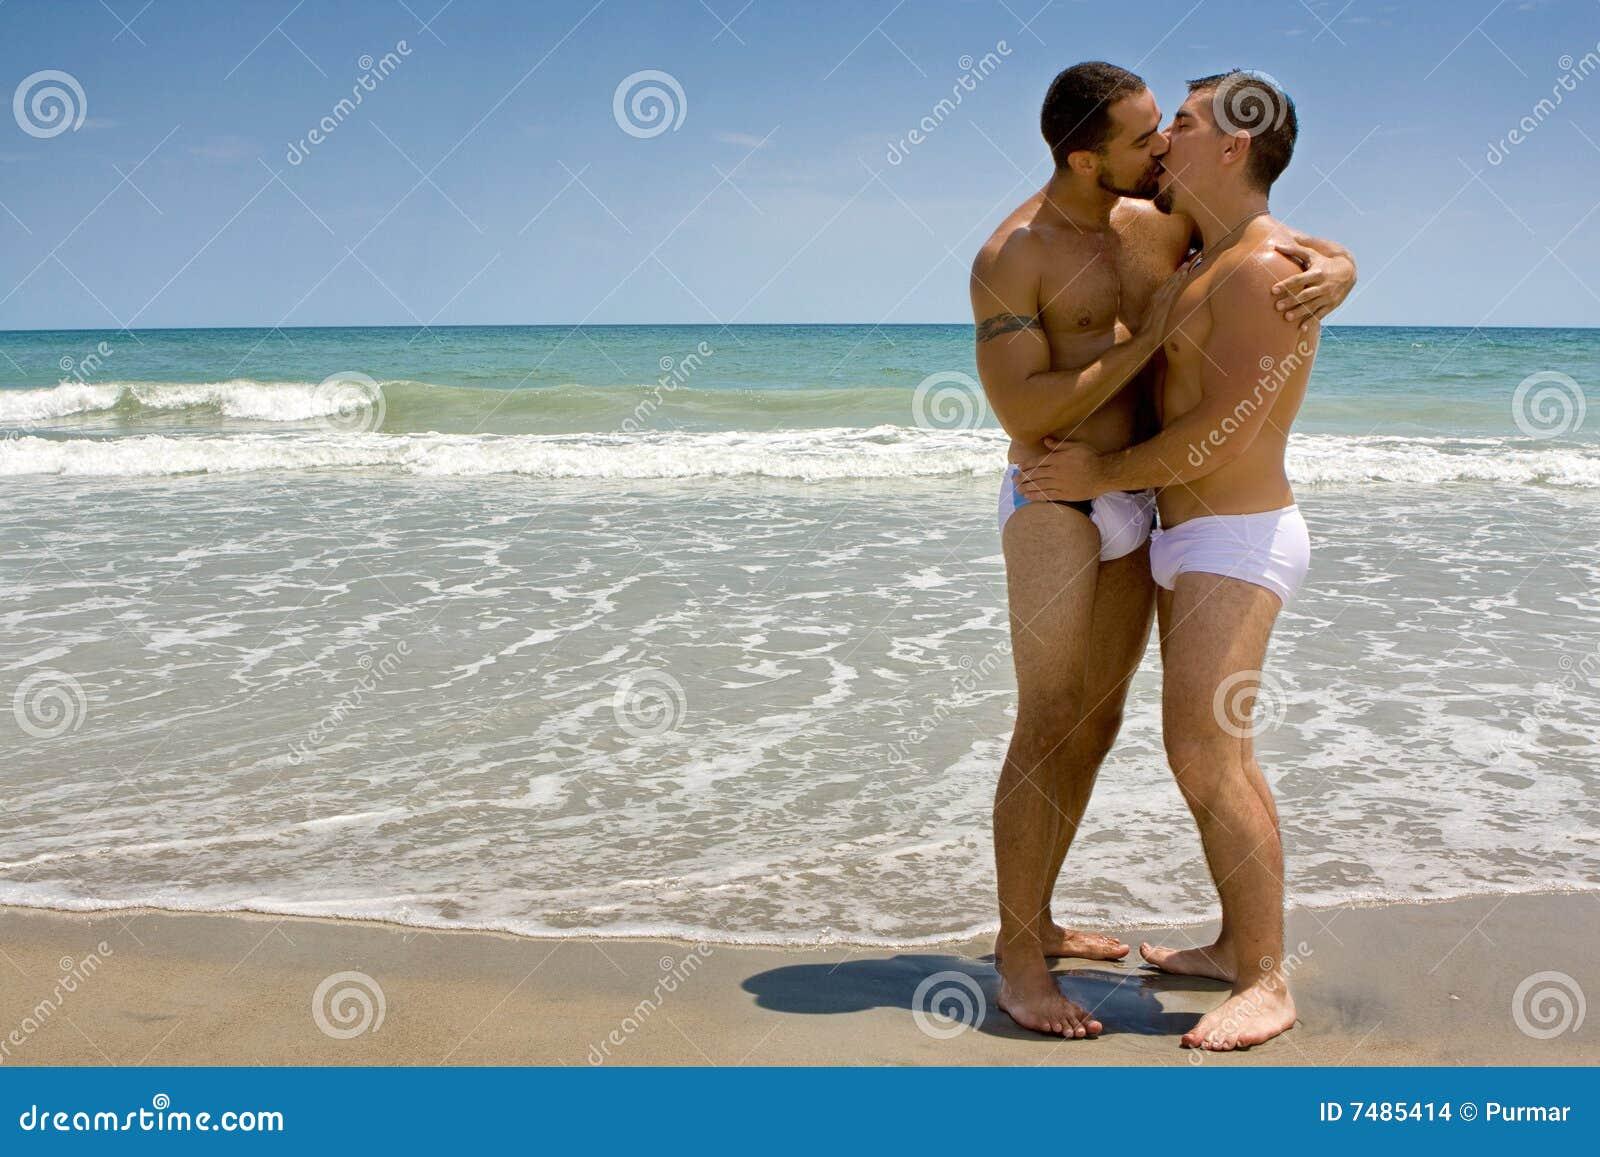 Besos al desnudo entre lesbianas - 1 part 6